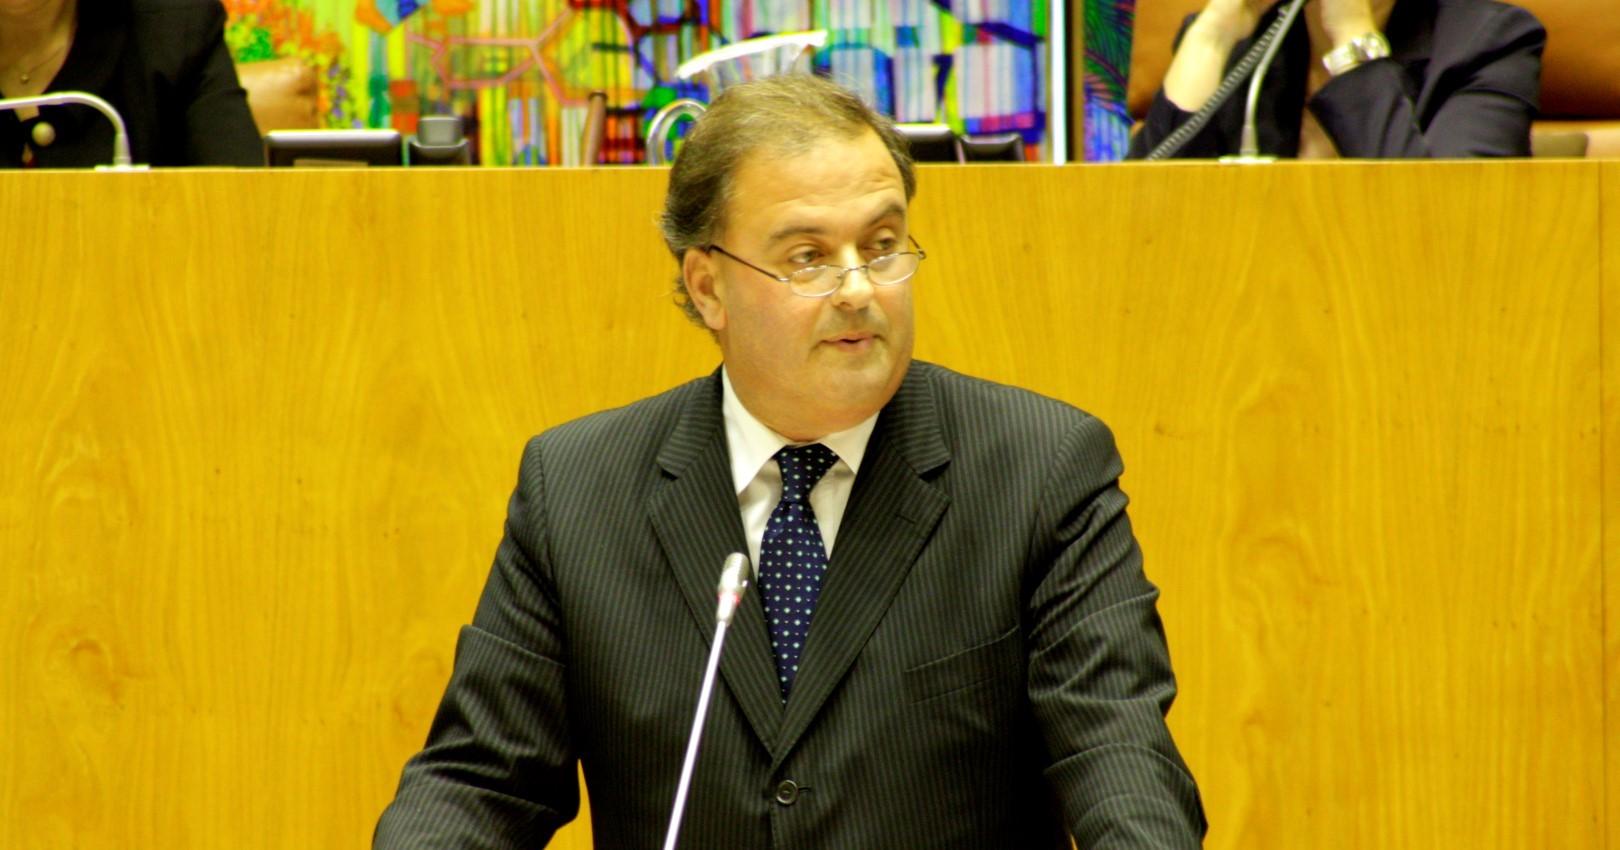 Secretário da Agricultura limita-se a agenda de charme e cortesia, condena o PSD